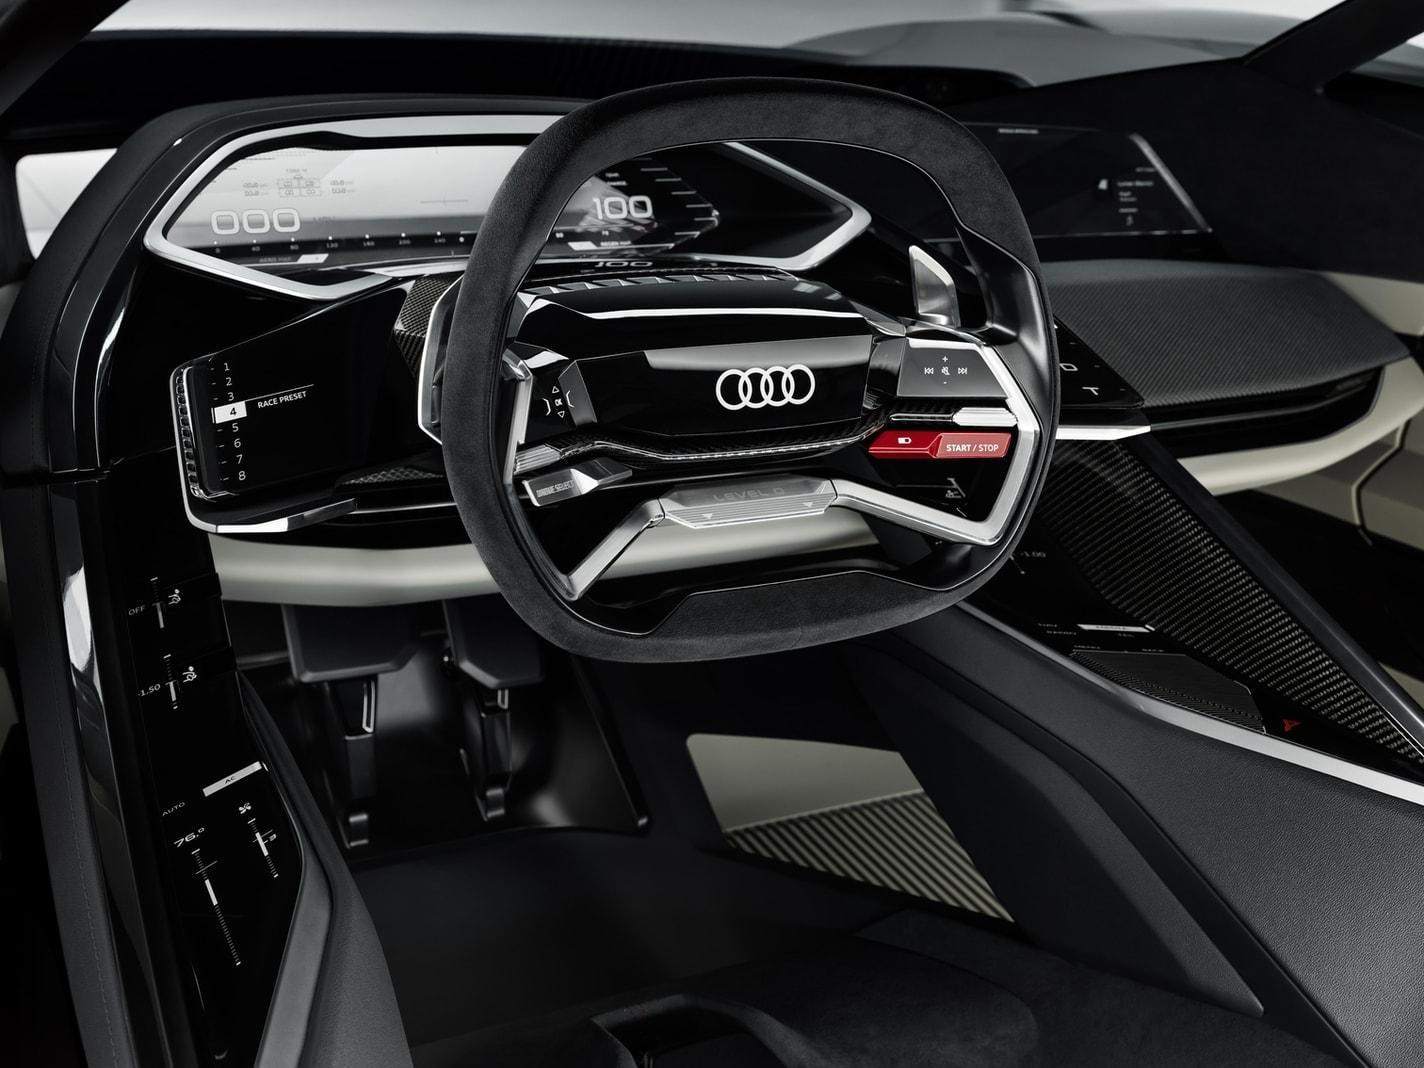 <p>Es gibt keinerlei&nbsp;komplexe Systeme fürs pilotierte Fahren und keine gewichtstreibenden Komfort-Attribute.</p> Foto: AUDI AG